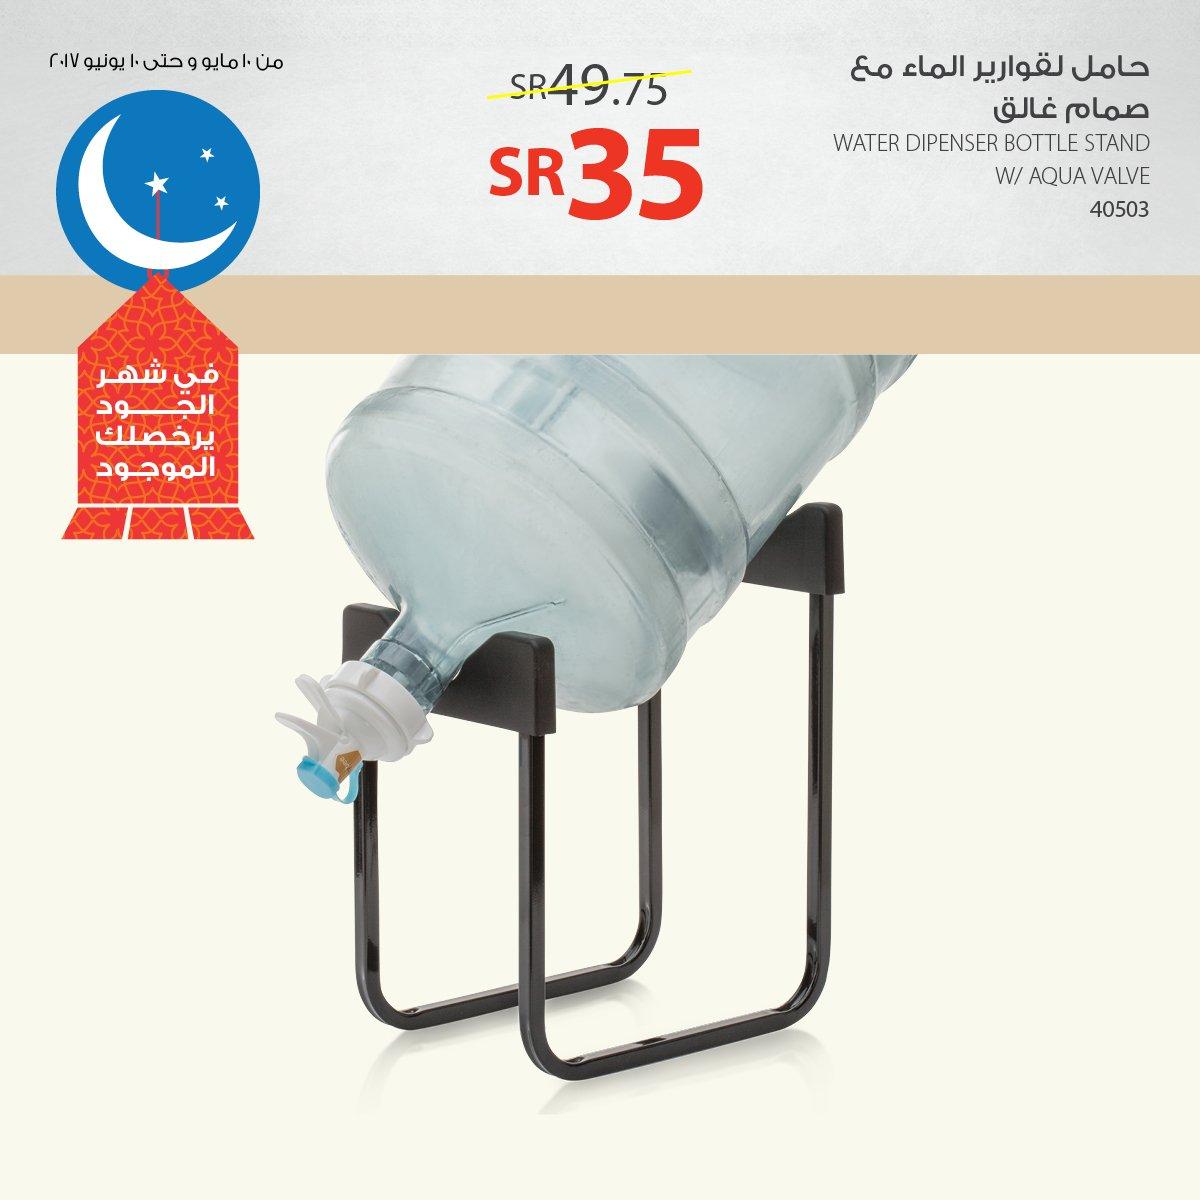 Saco ساكو Tren Twitter إحصل على حامل لقوارير الماء مع صمام غالق ب 35 ر س فقط العروض متوفرة في جميع فروع ساكو الكل للكل Https T Co 7q6rla5iz0 Https T Co Xsrkjraf0f